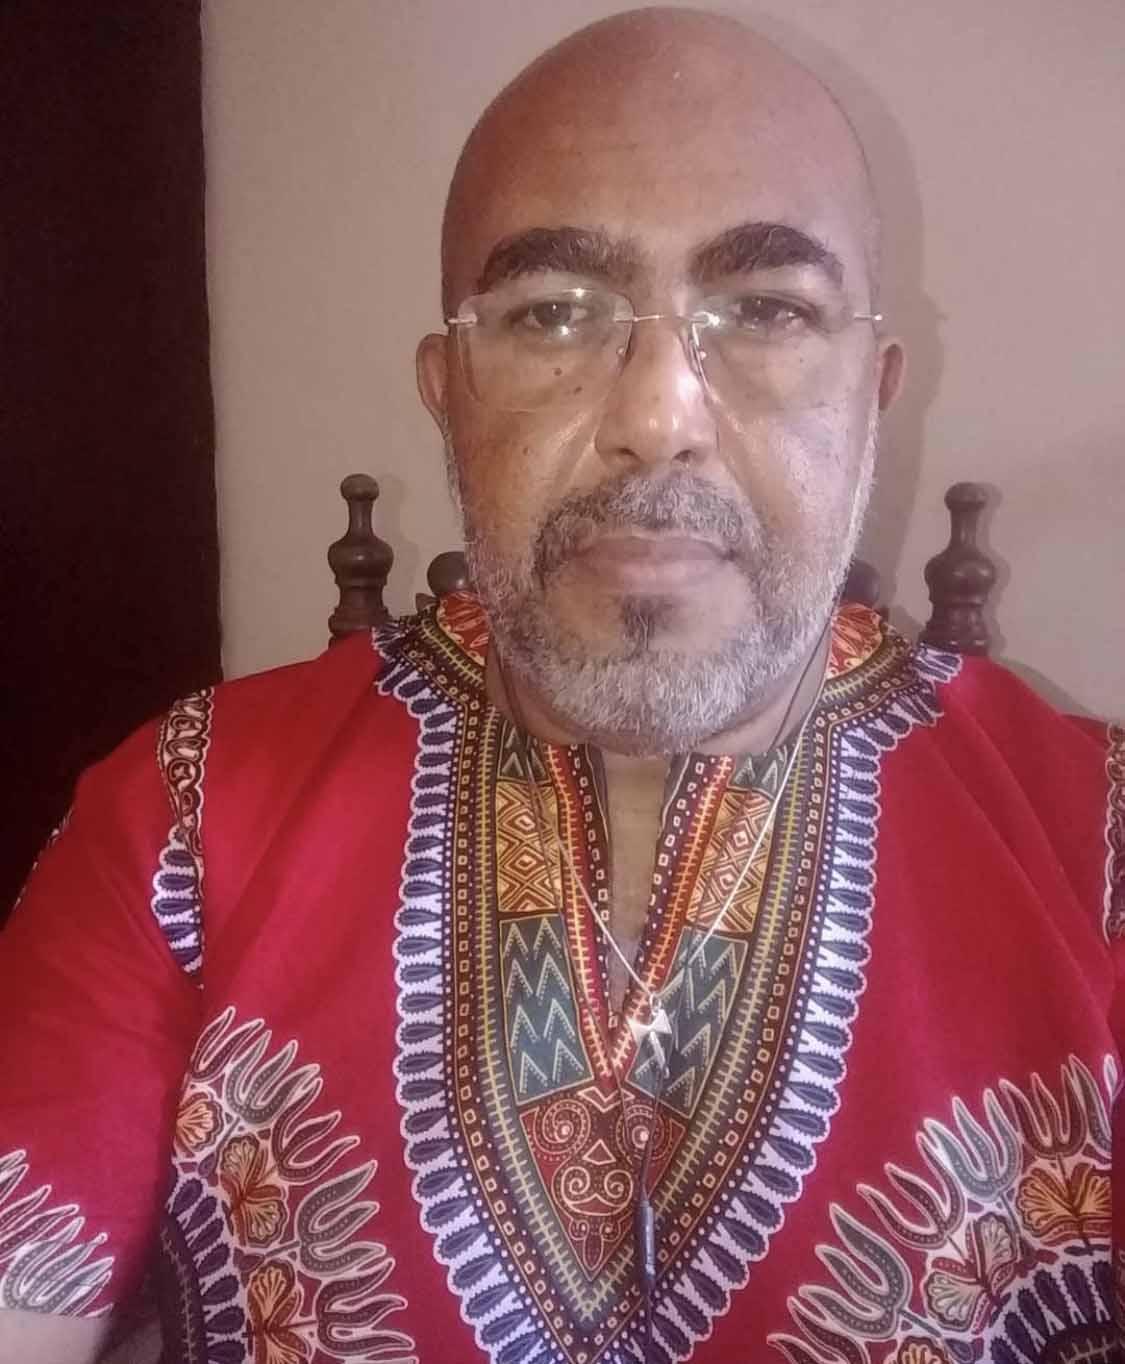 Professor Hilário Ferreira, cientista social e mestre em história social. Ele foi nossa fonte principal neste áudio-doc